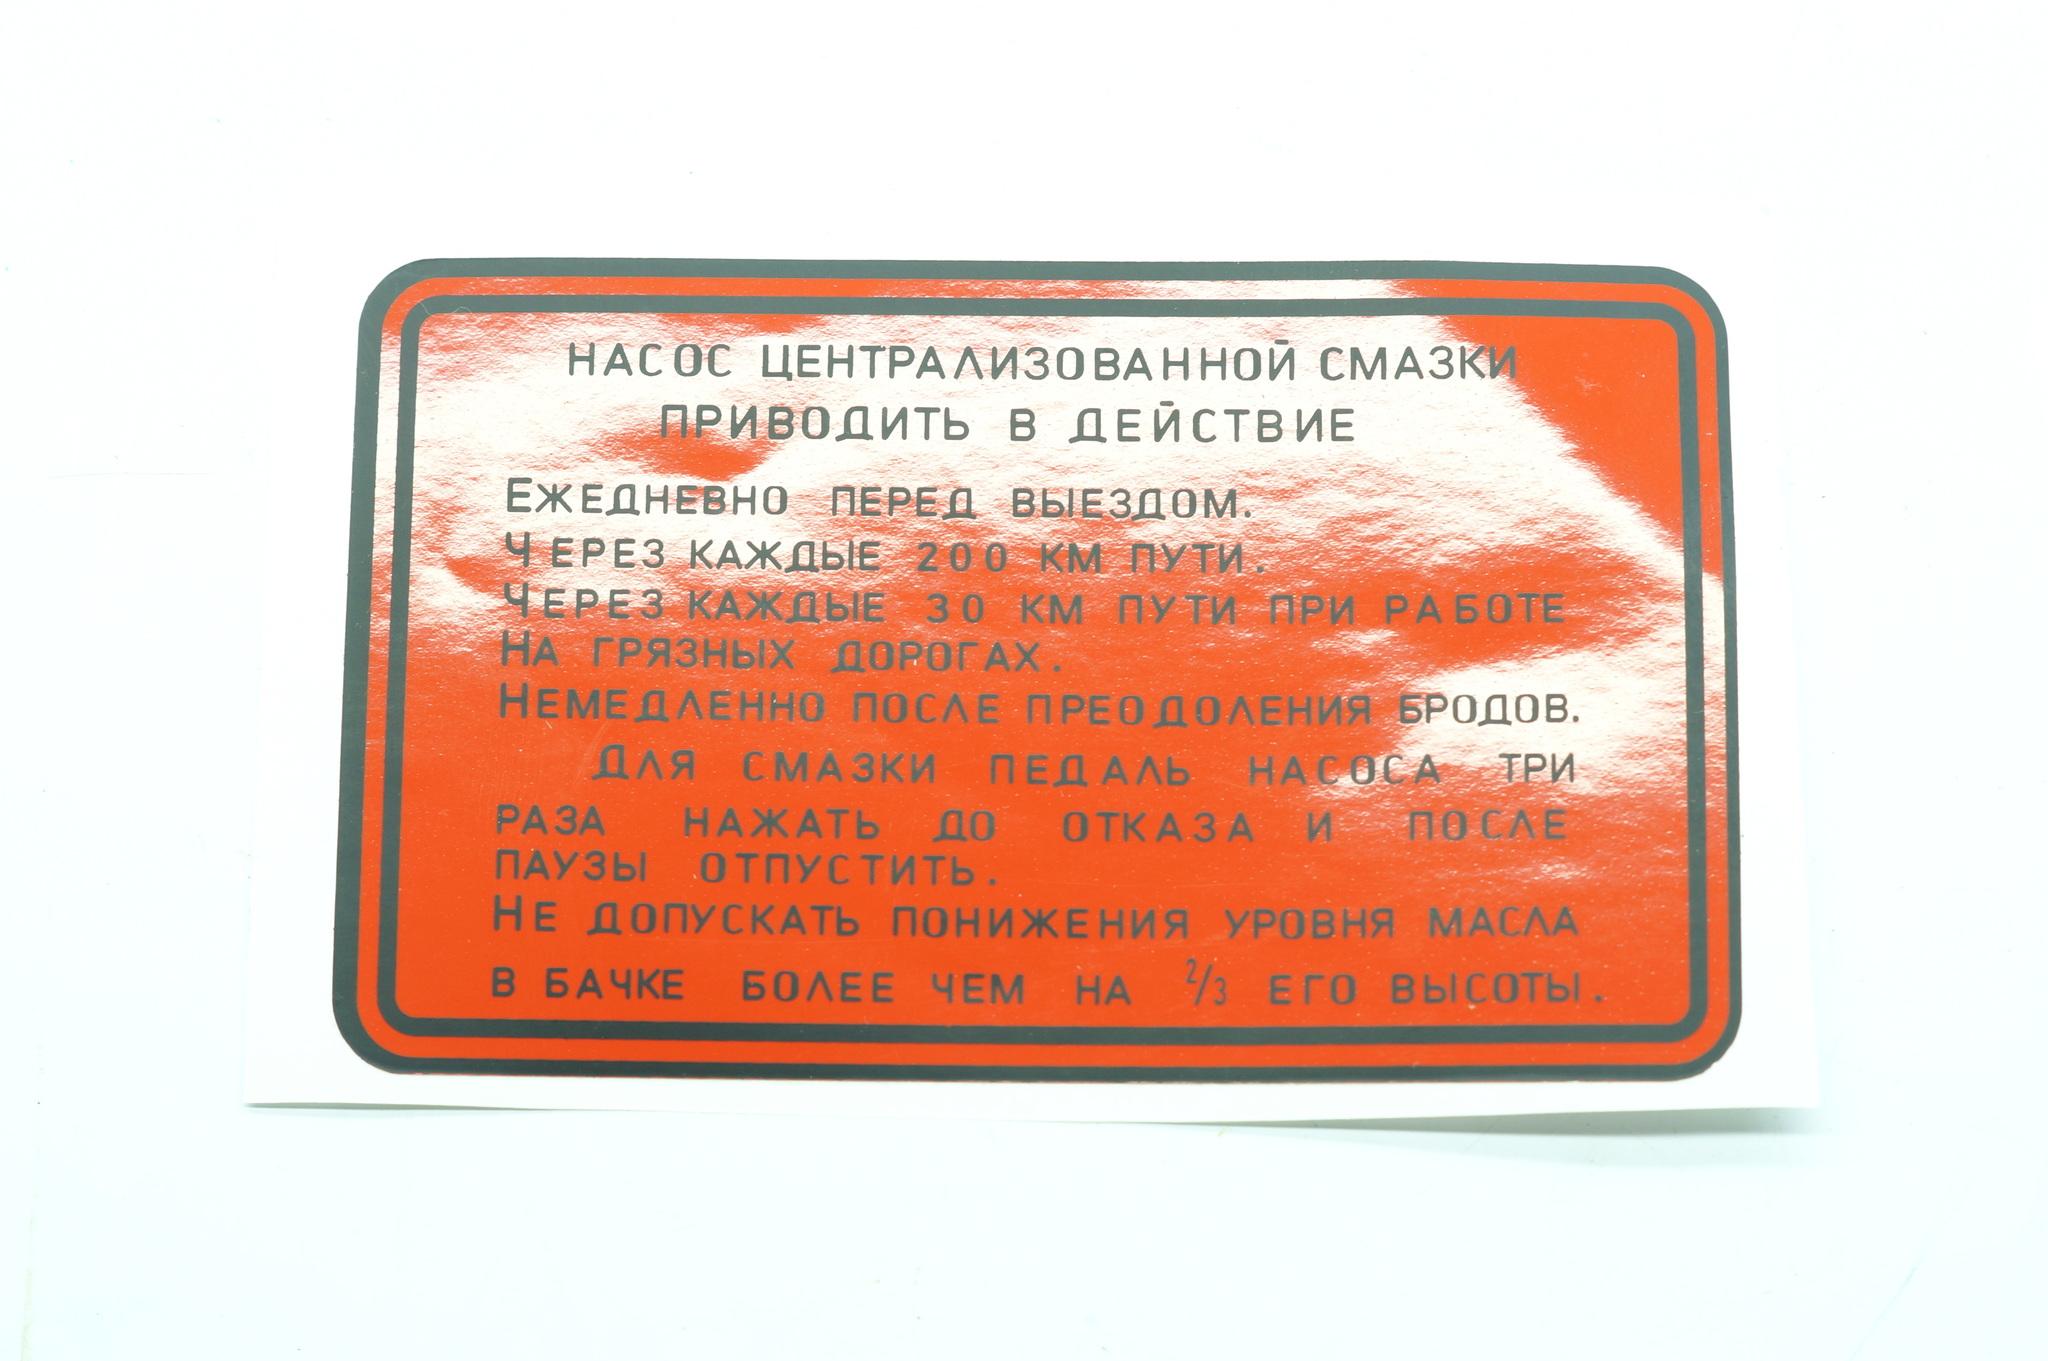 Инструкция по насосу централизованной смазки ГАЗ 21